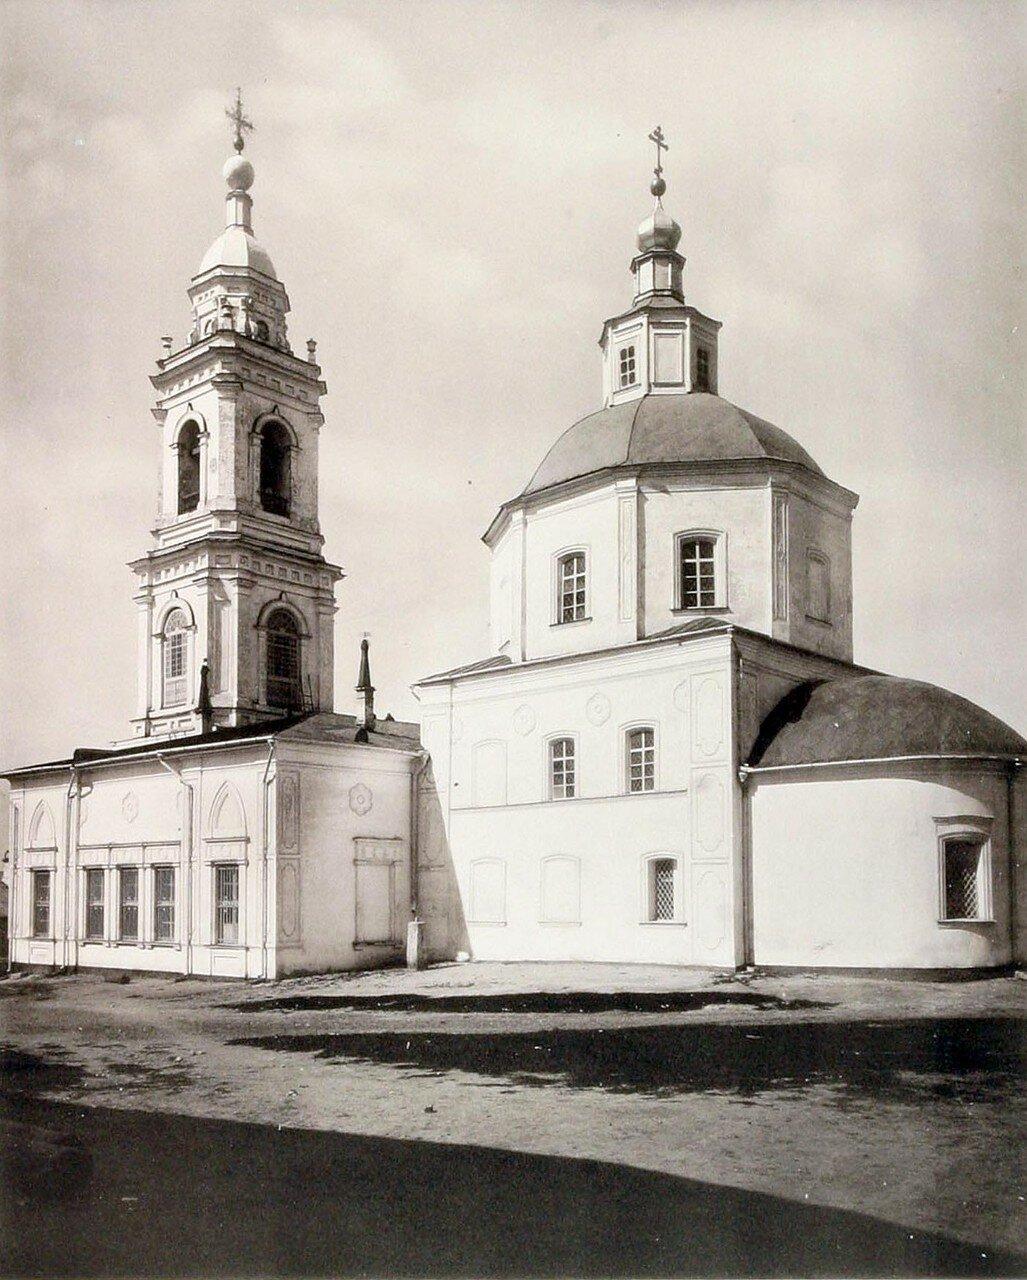 395. Церковь Девяти Мучеников